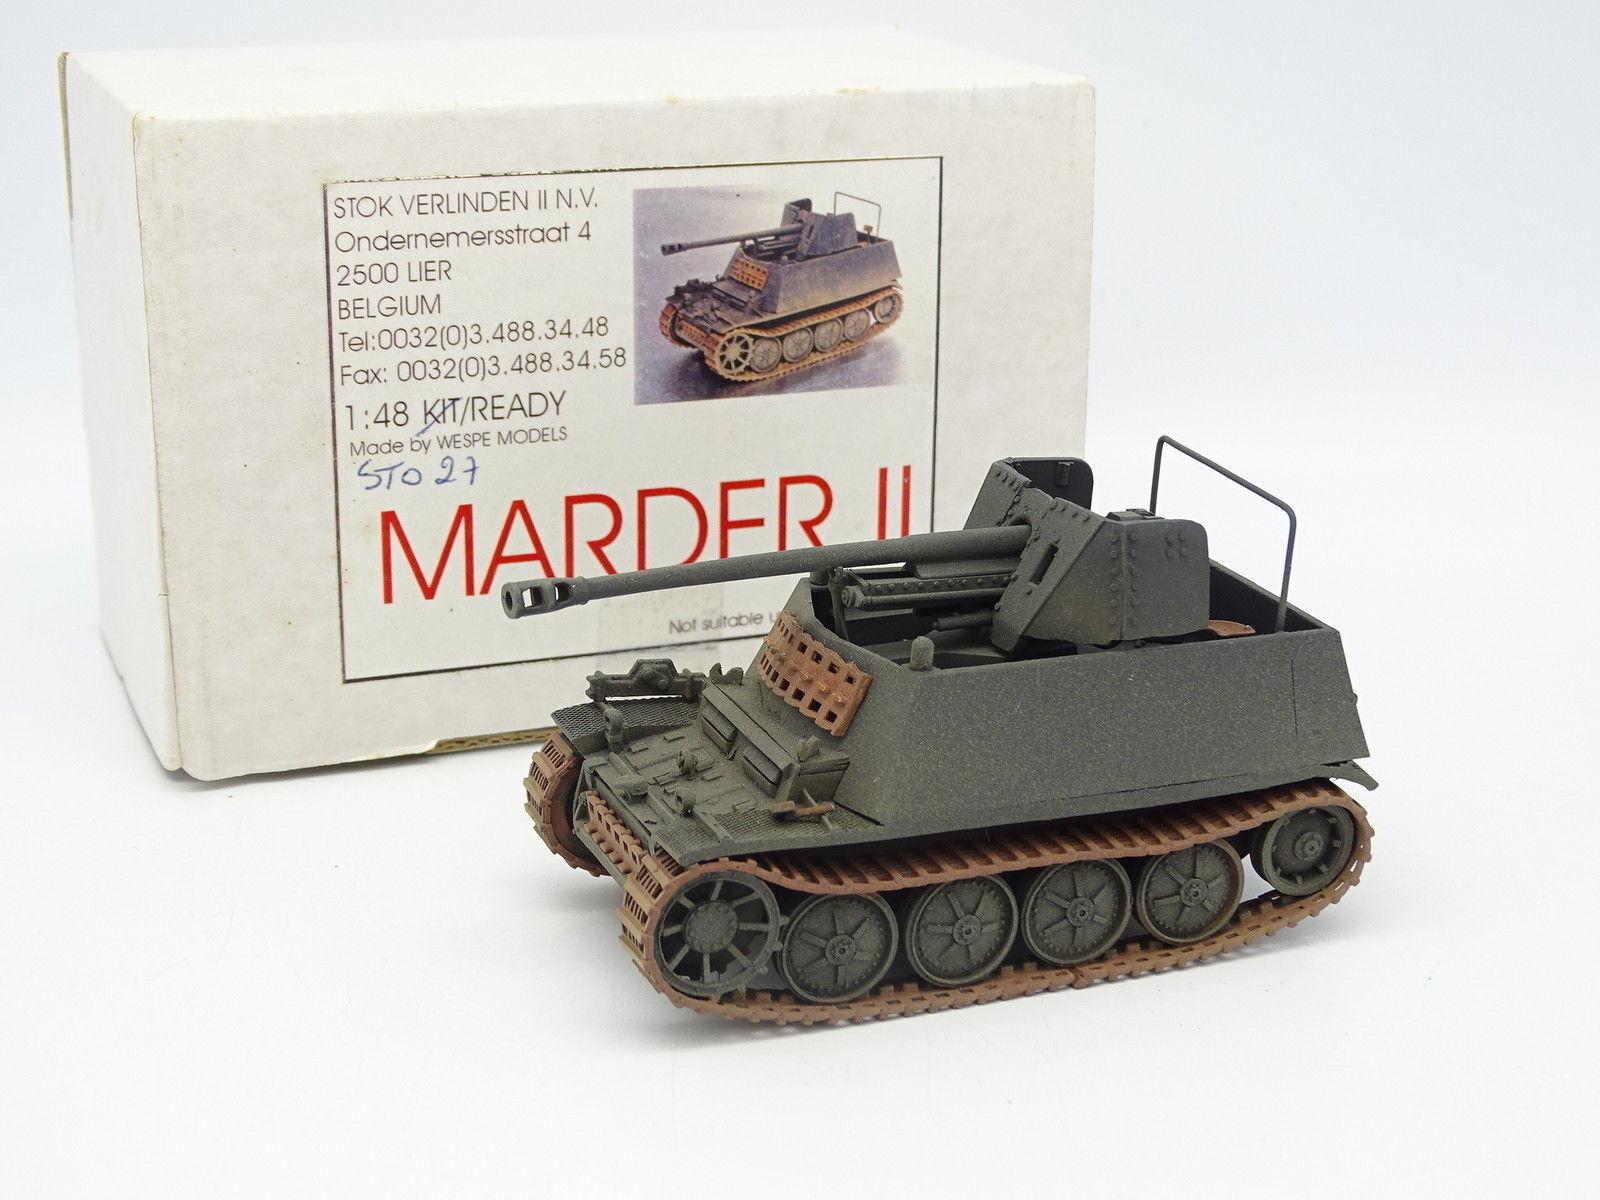 Stok Verlinden 1 48 - Tanque Tank (Tanque) Marder II